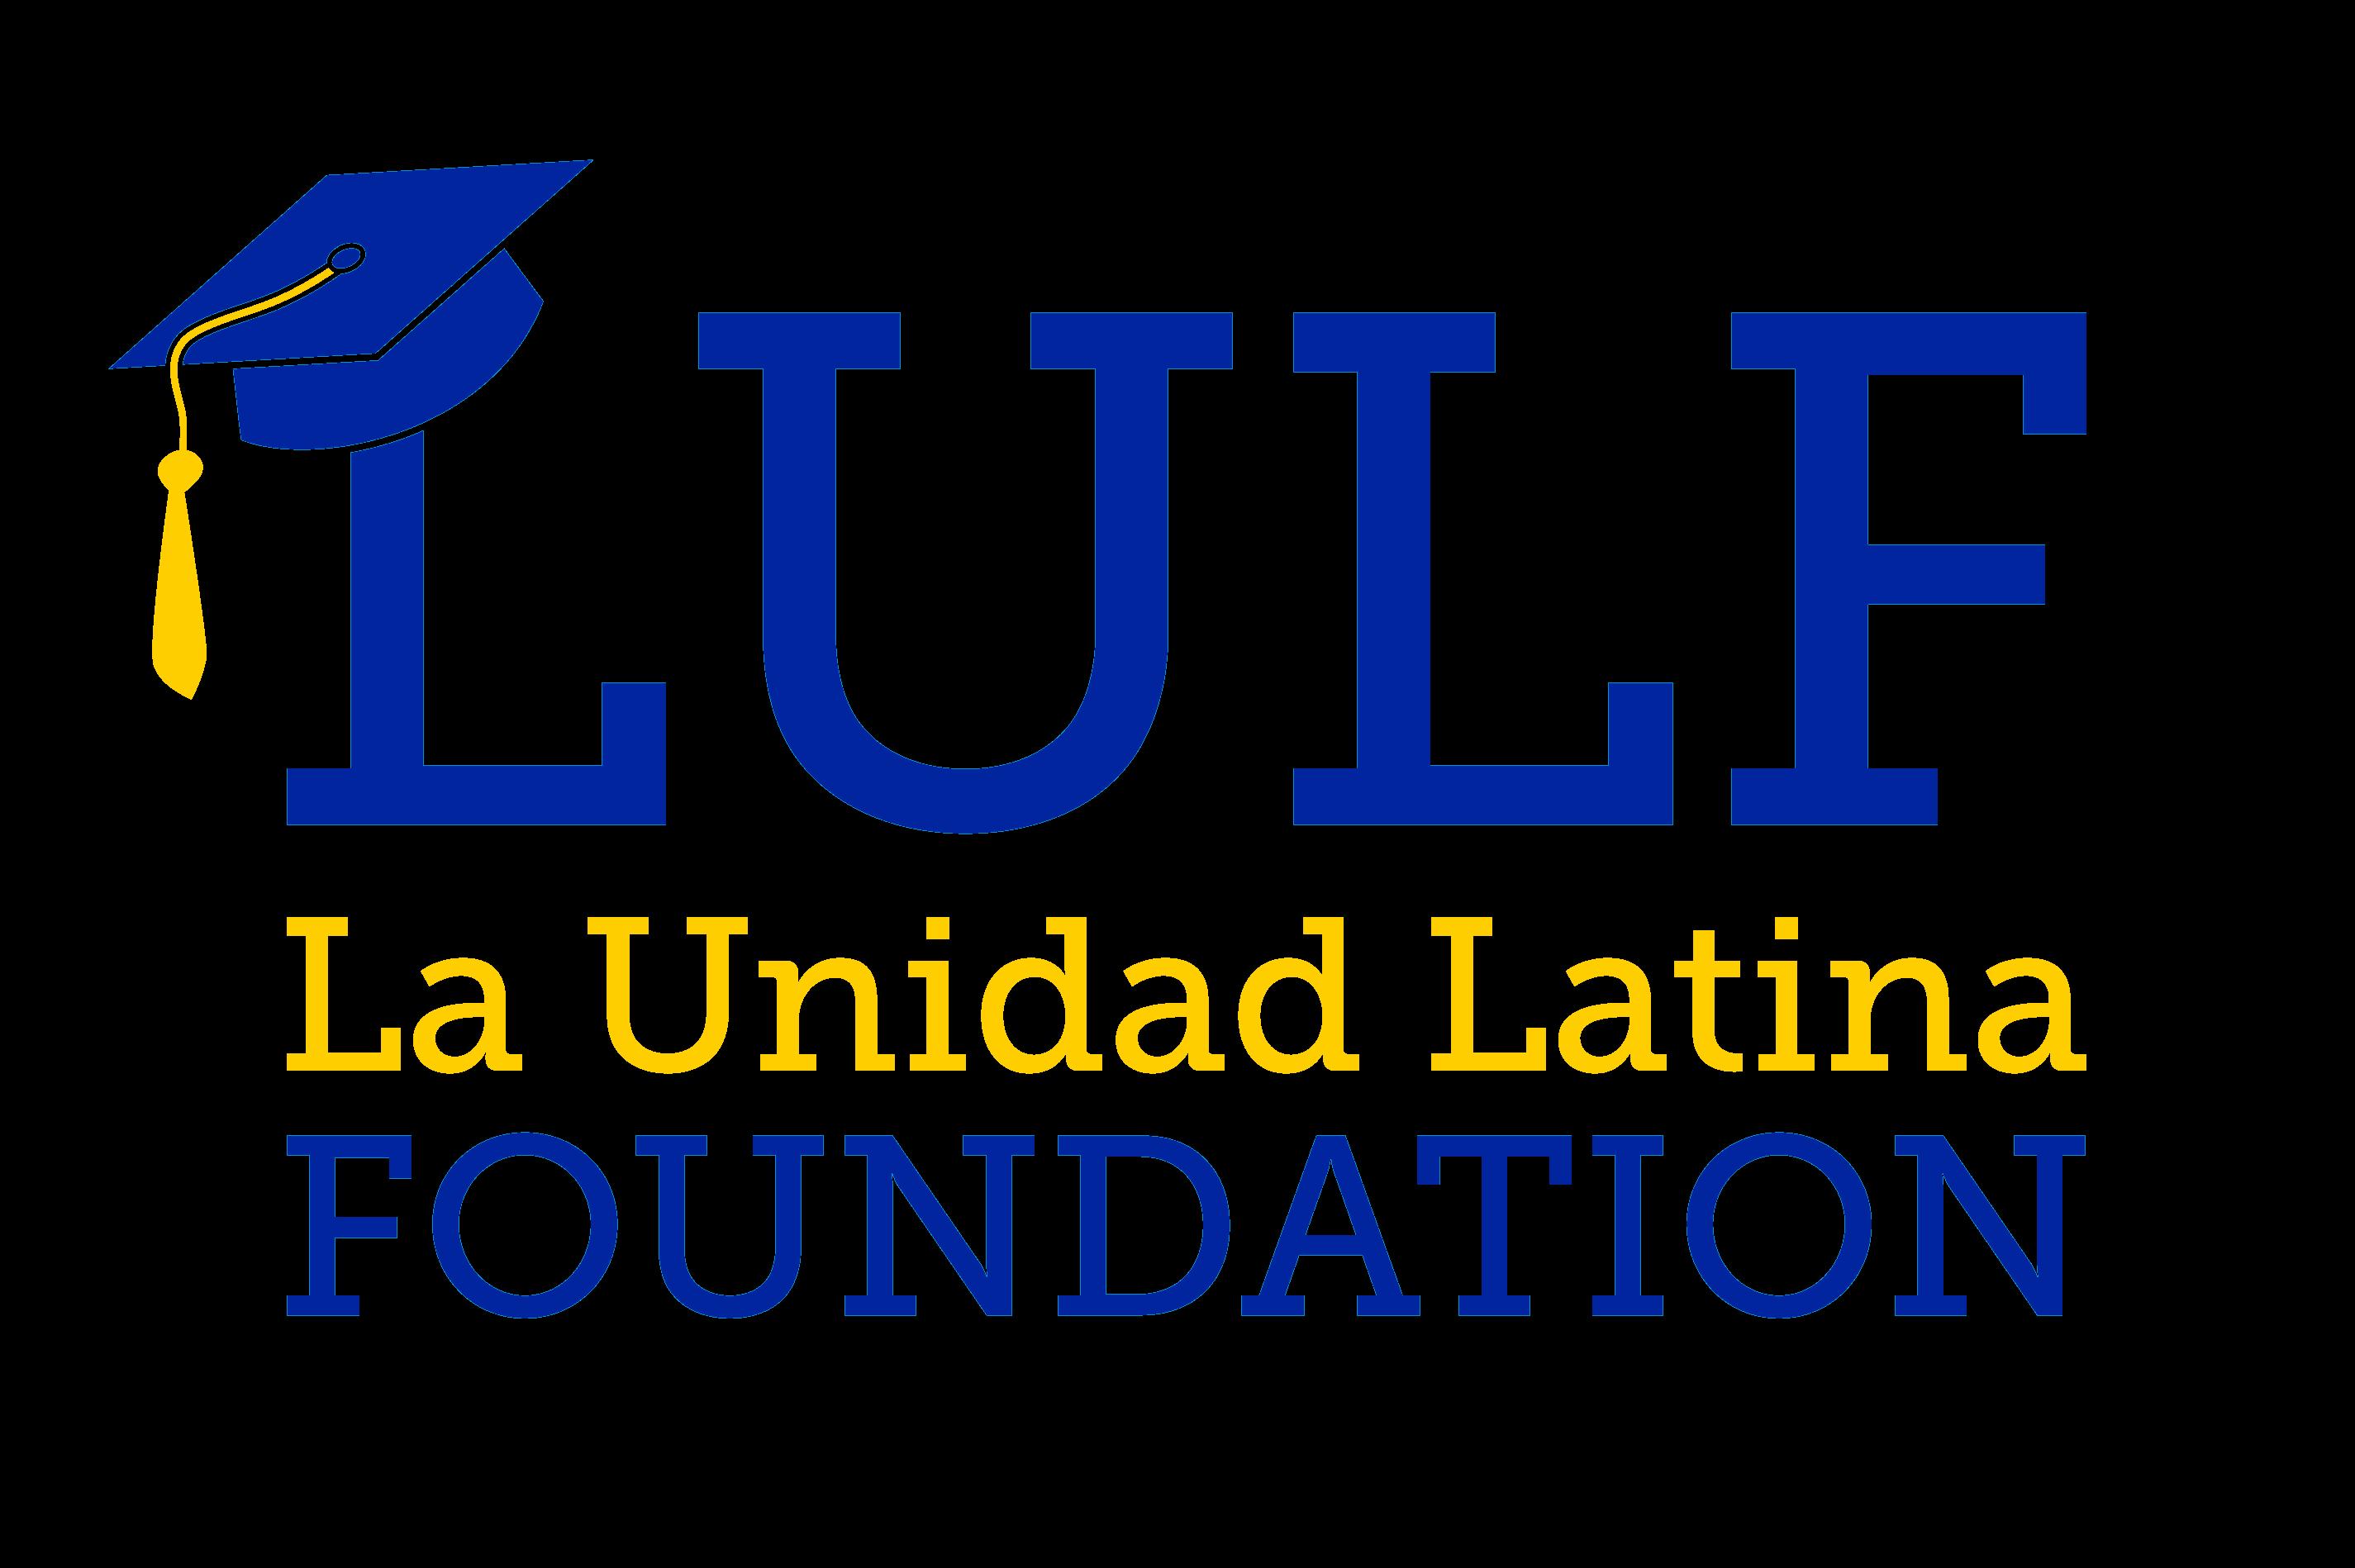 La Unidad Latina Foundation Logo